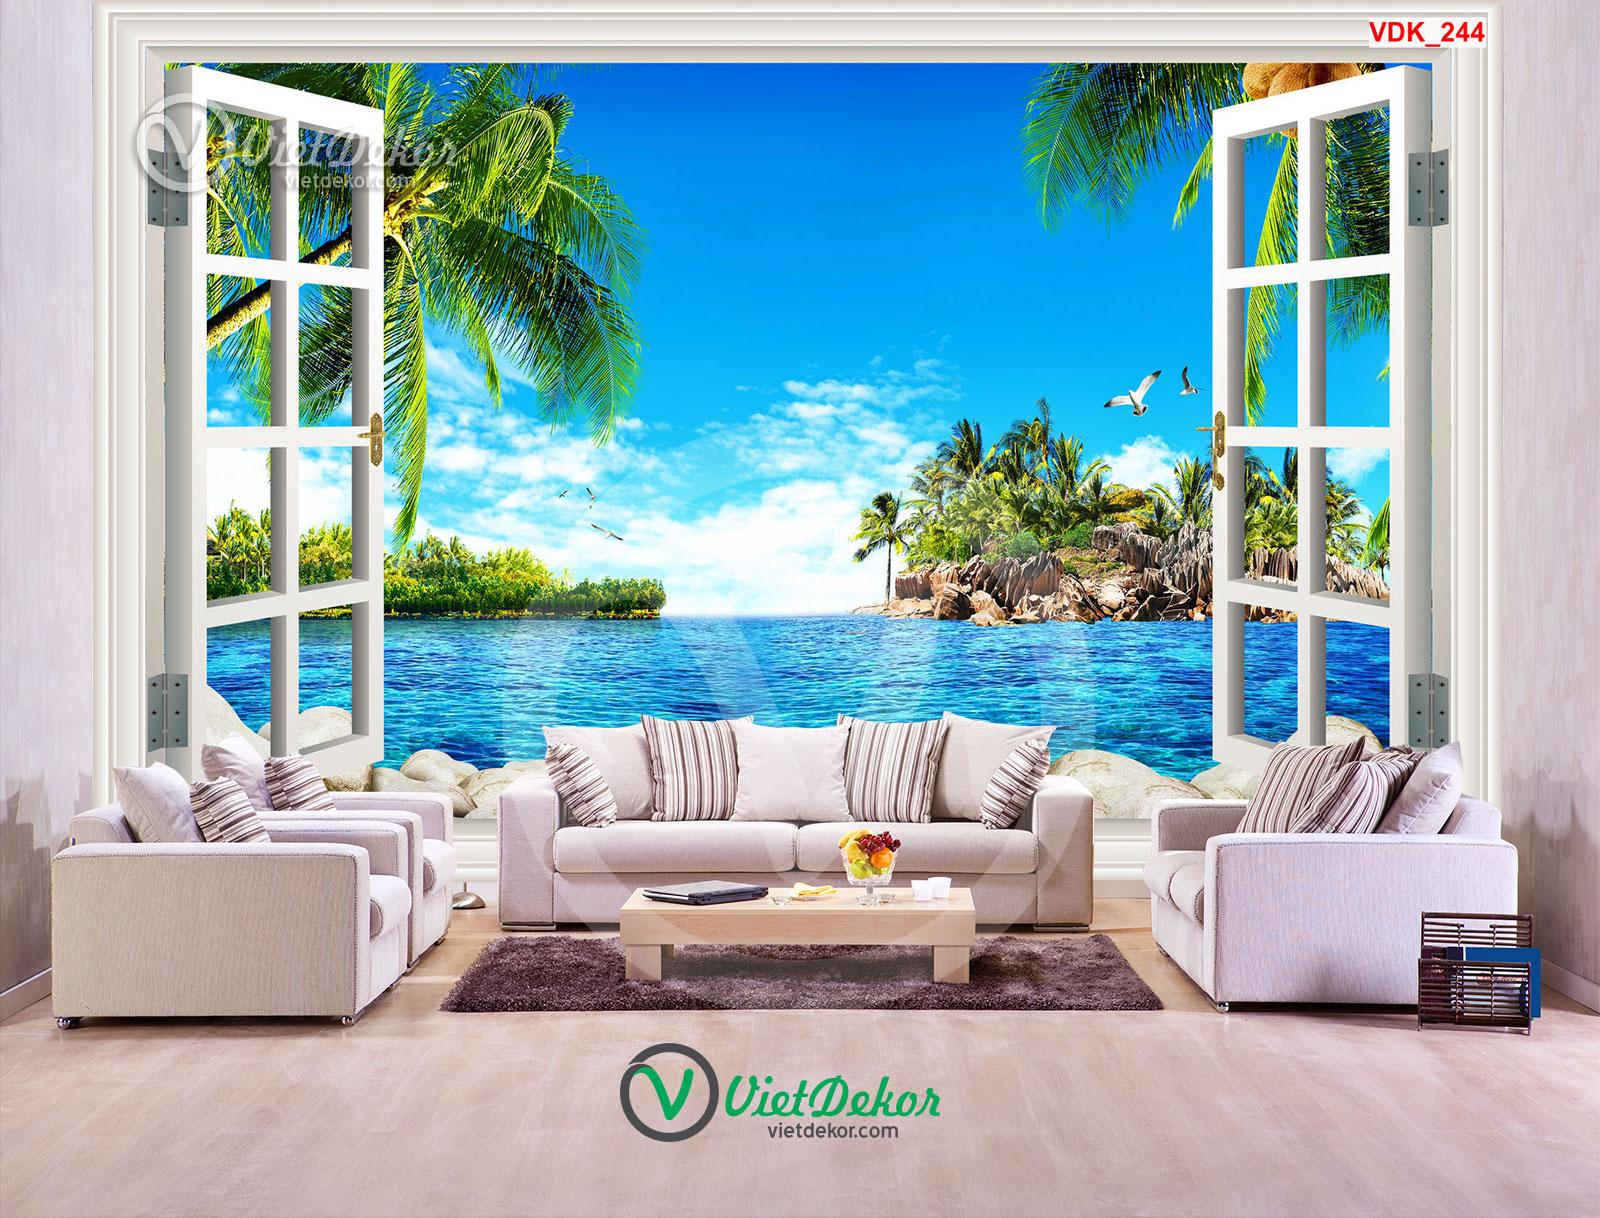 Tranh 3d dán tường cửa sổ phong cảnh biển đảo và cò